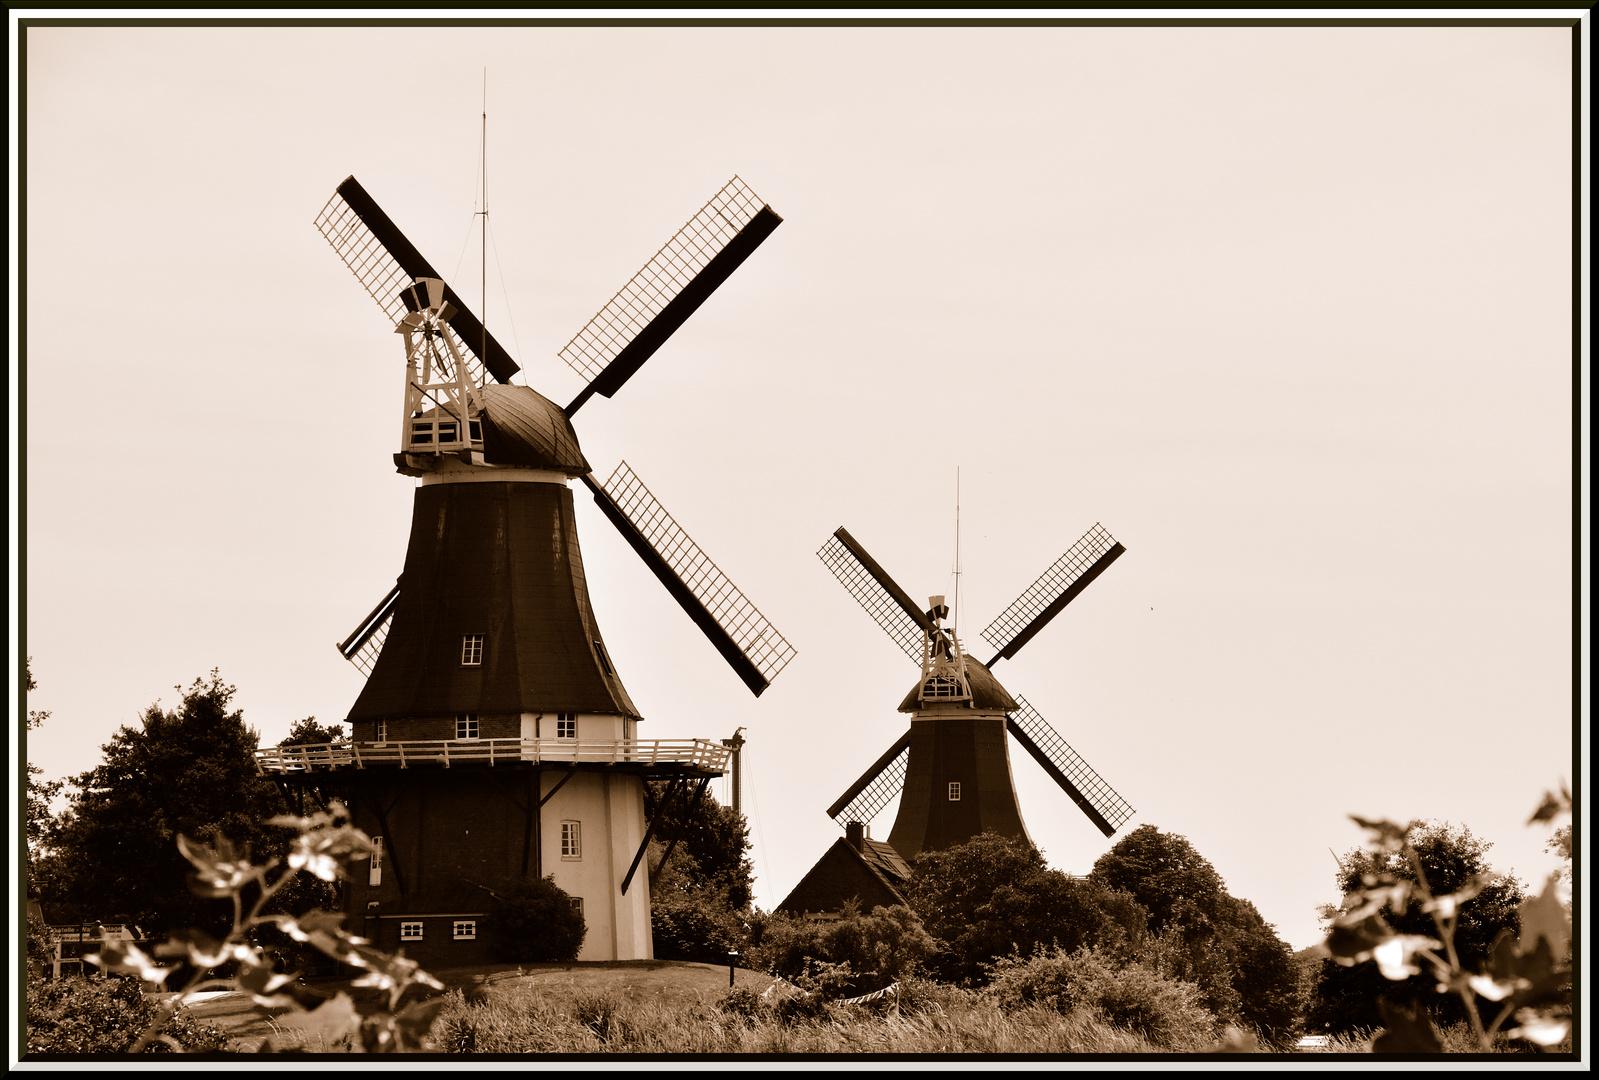 Greetsieler Zwillingsmühlen in Sepia